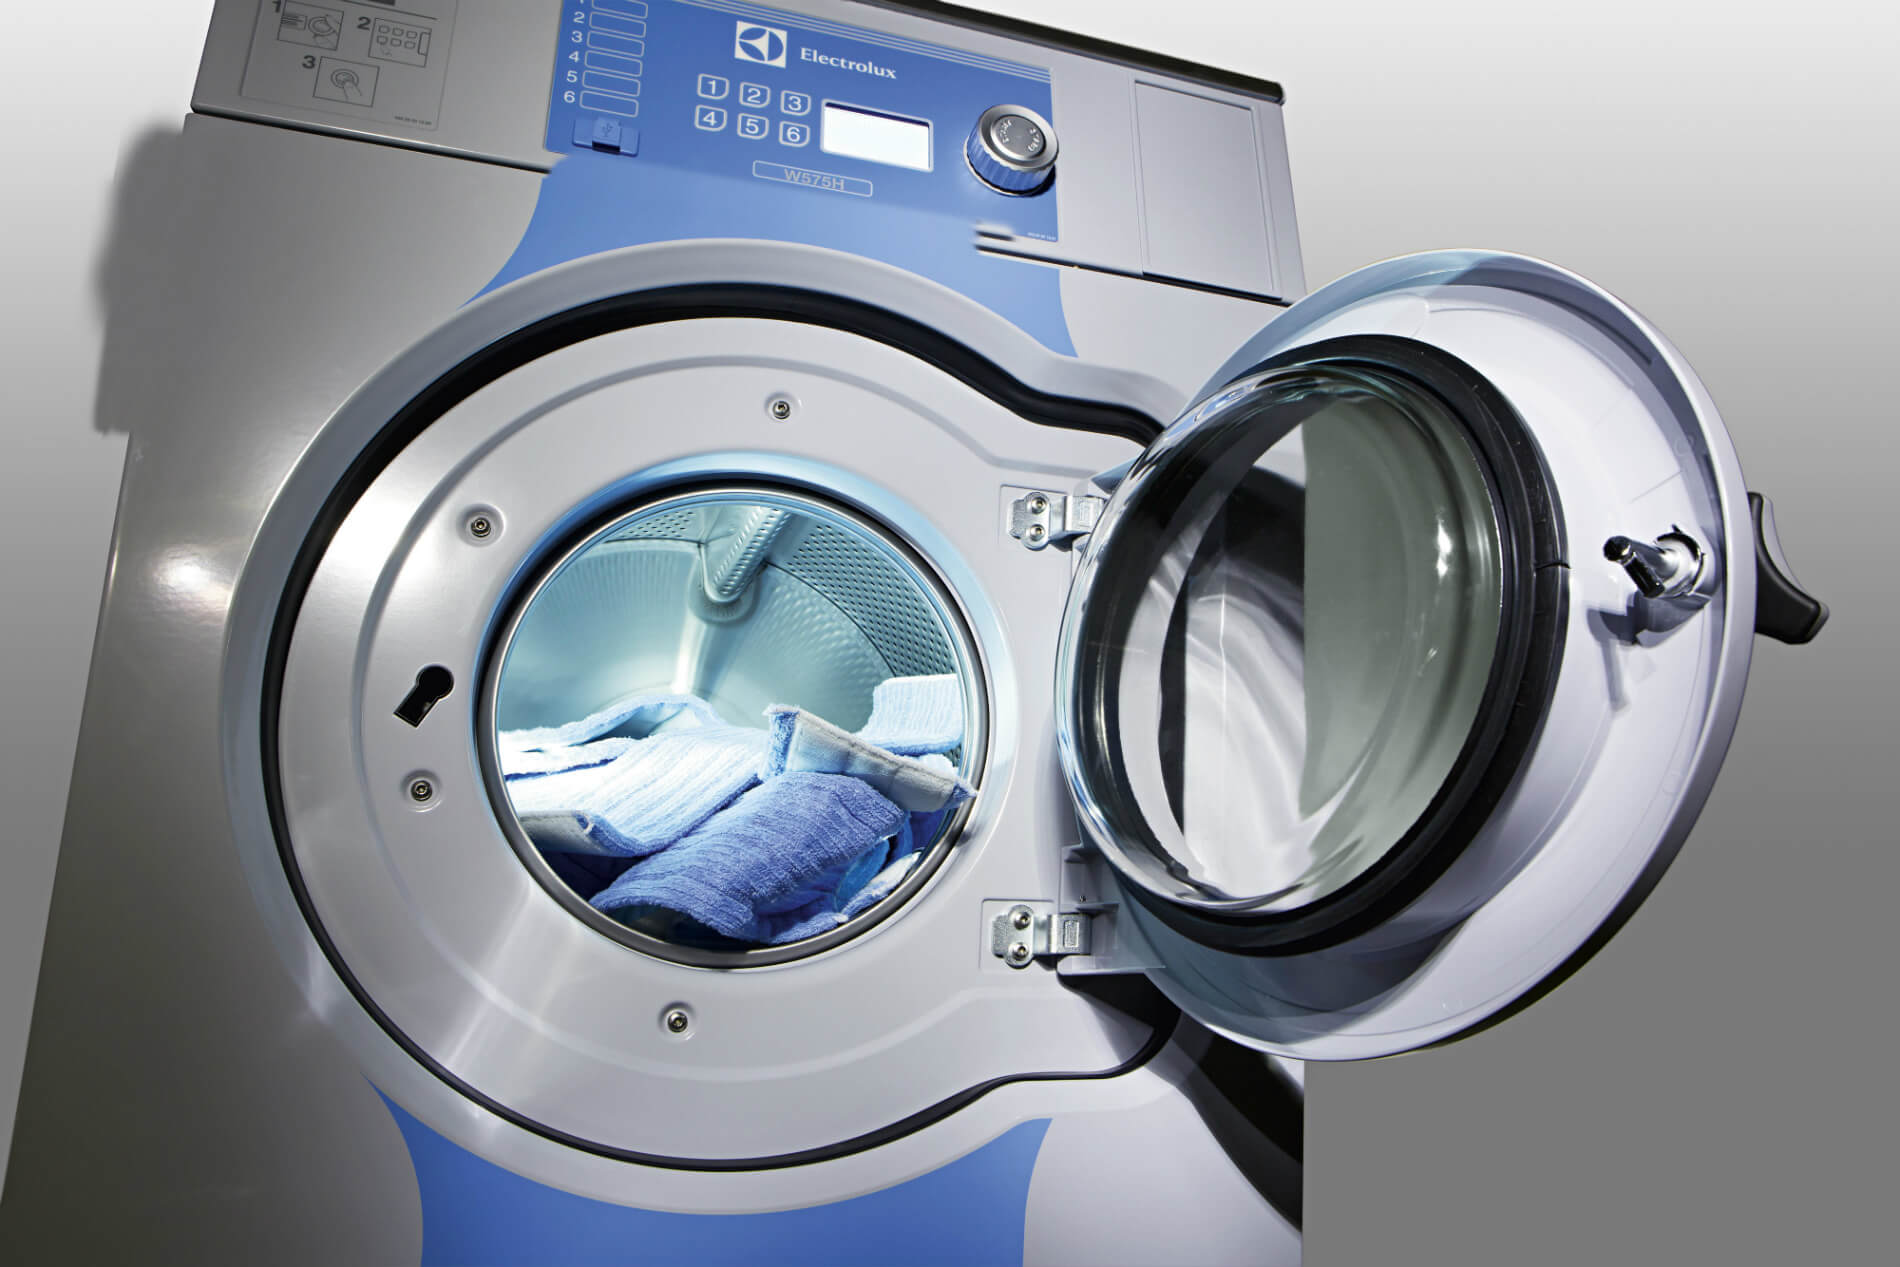 maszyny pralnicze Electrolux